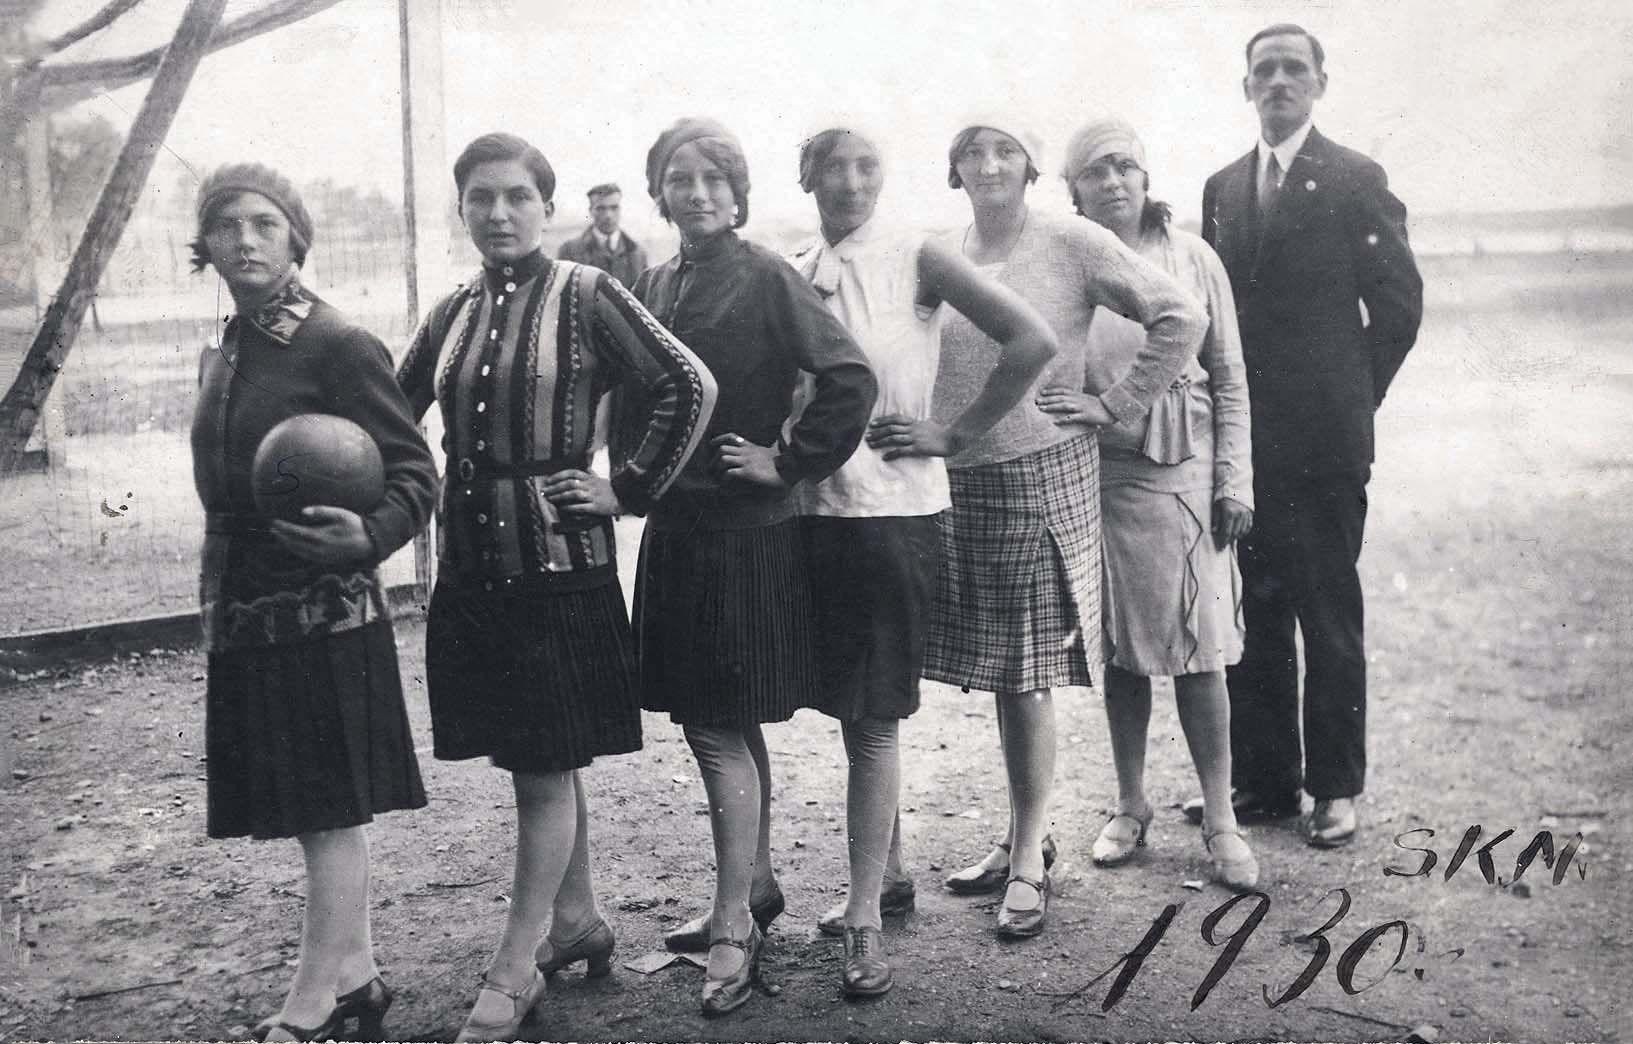 Women's soccer team with their coach, Czechoslovakia, 1930